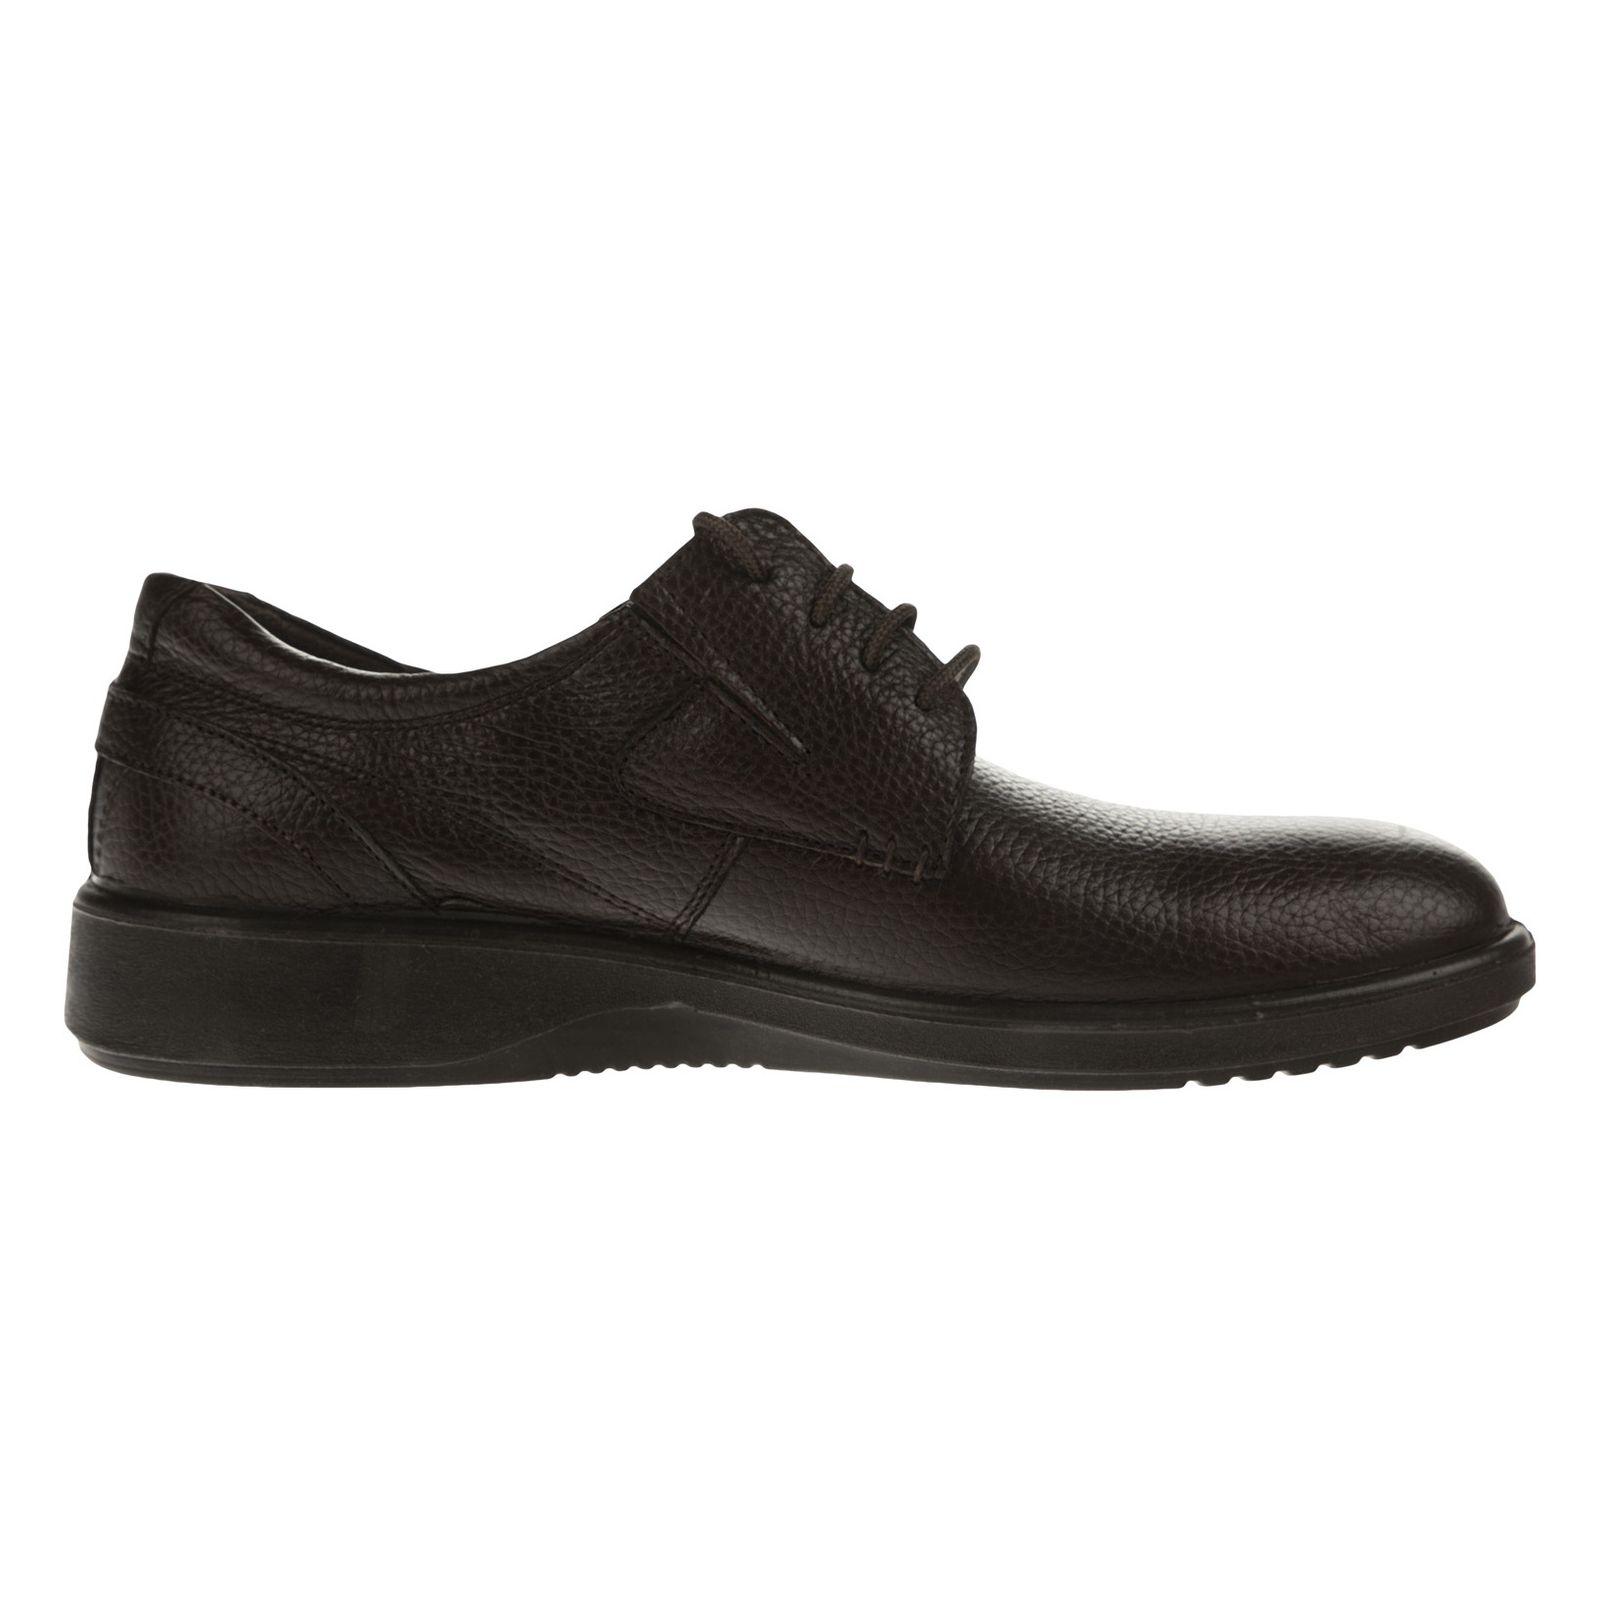 کفش روزمره مردانه شیفر مدل 7216B-104 -  - 6